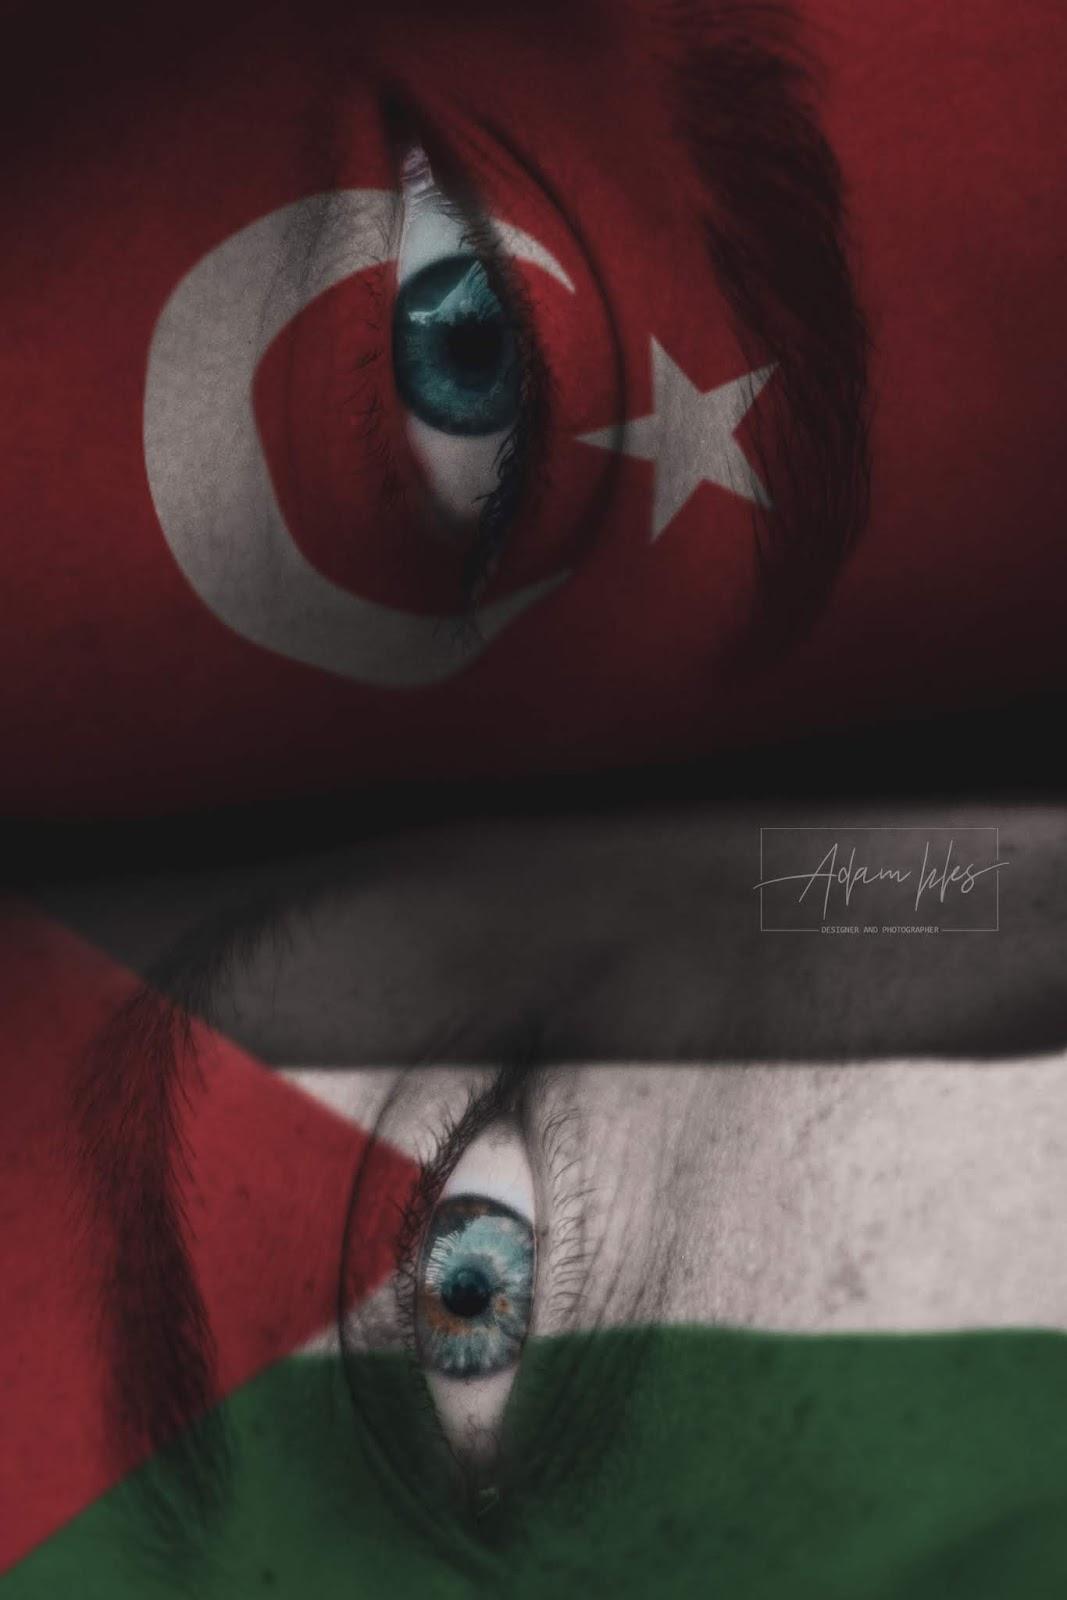 علم تركيا وعلم فلسطين